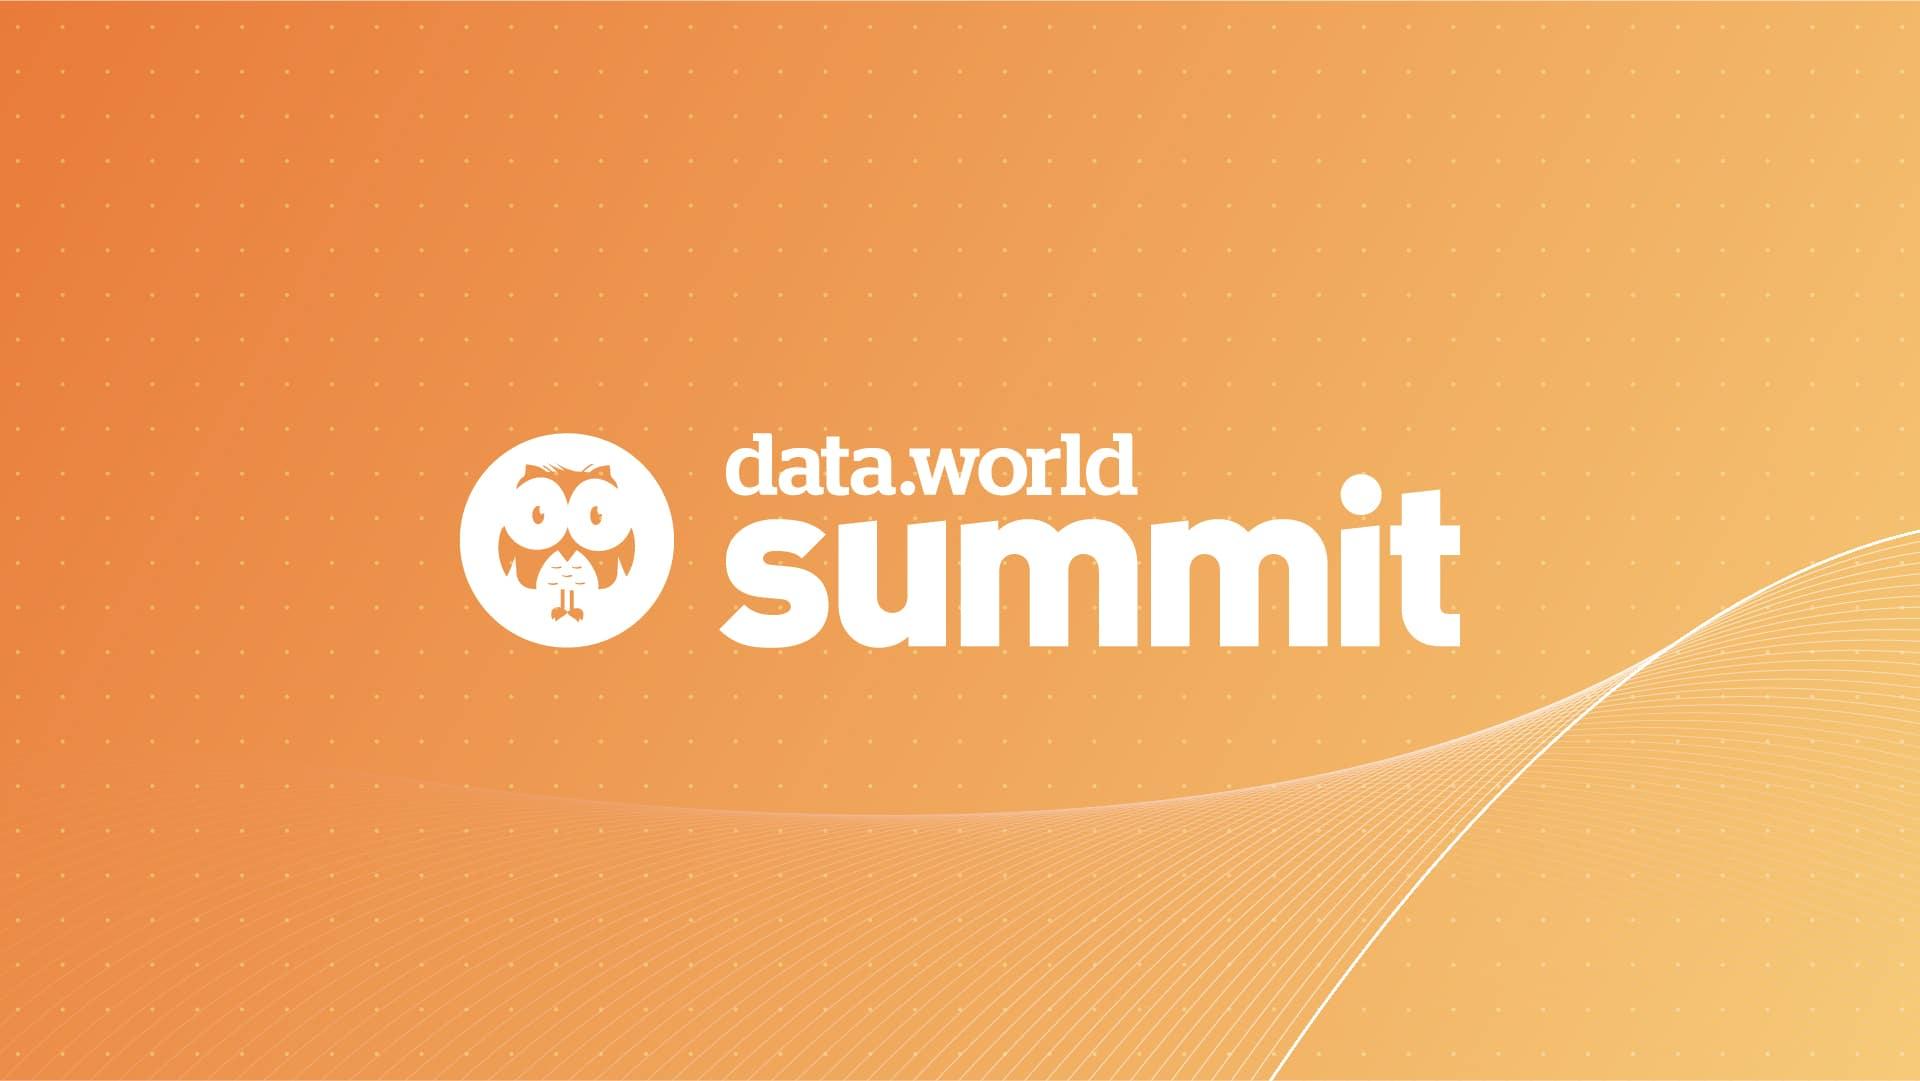 fitosophy-dataworld-summit-background5